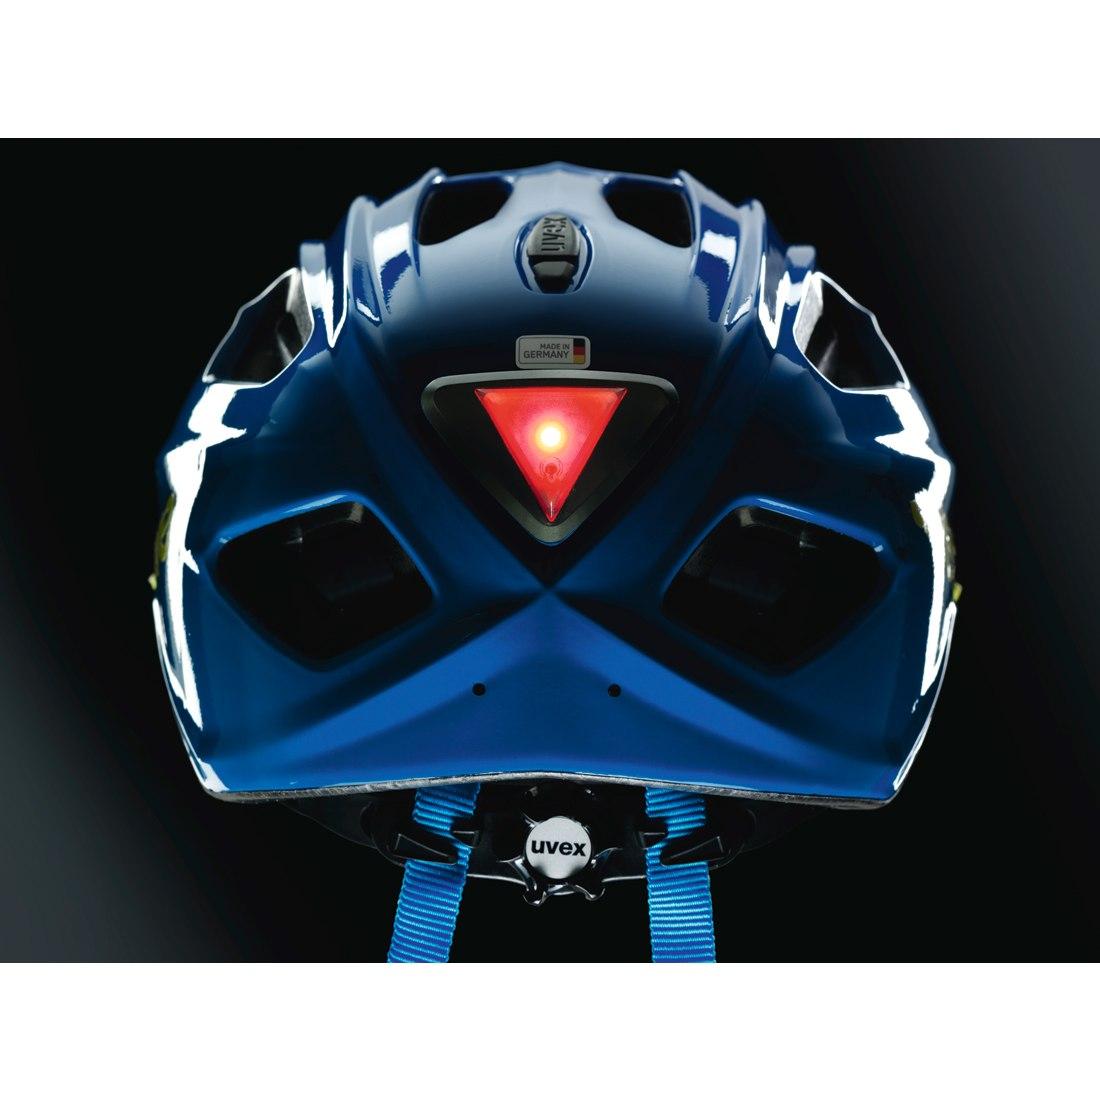 Image of Uvex plug-in LED 0200 quatro junior - Safety Light